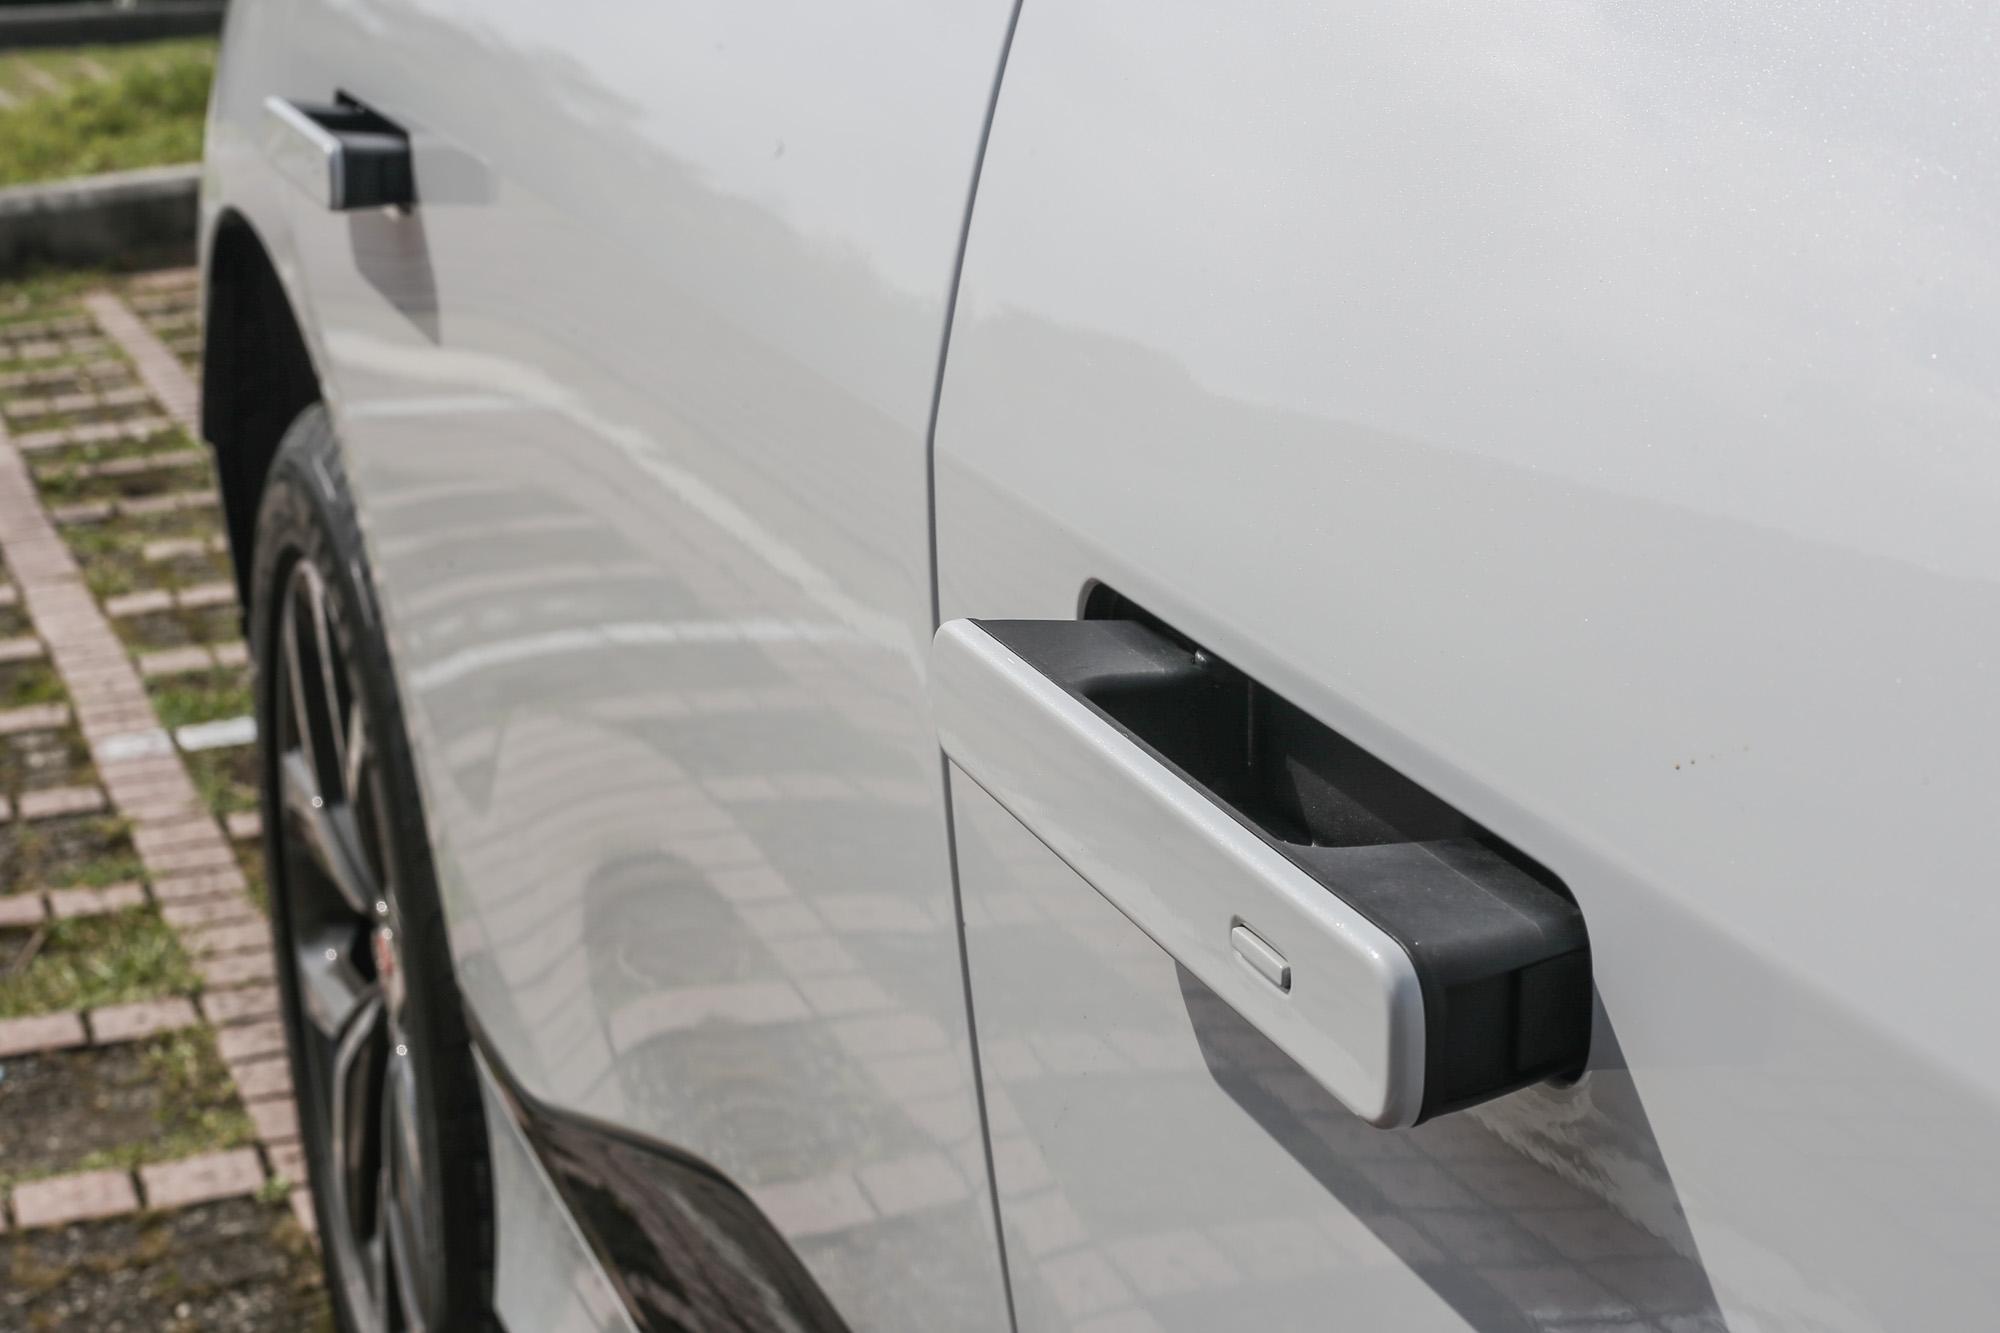 隱藏式的車門把手也是降低風阻的關鍵之一。